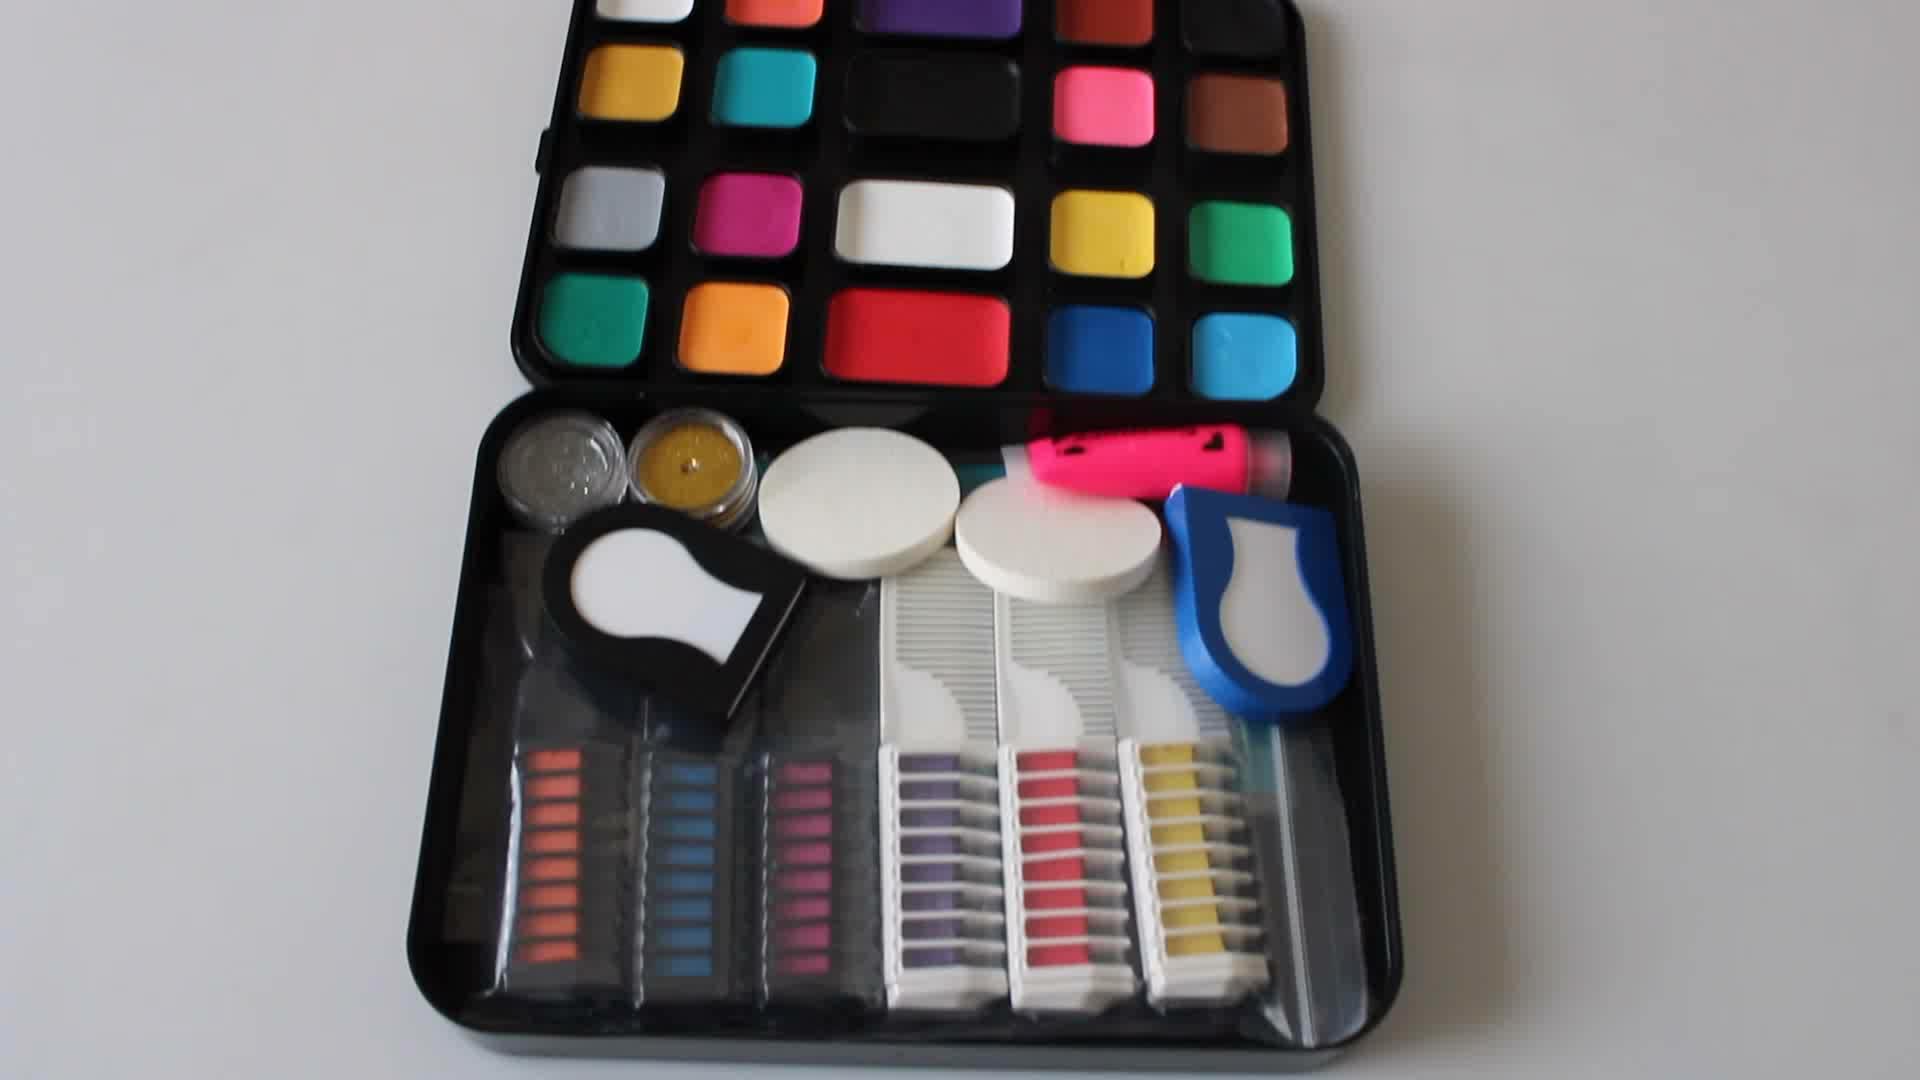 Großhandel preis halloween 16 farben gesicht malen wasser basierend körper malen für kinder gesicht malen kit